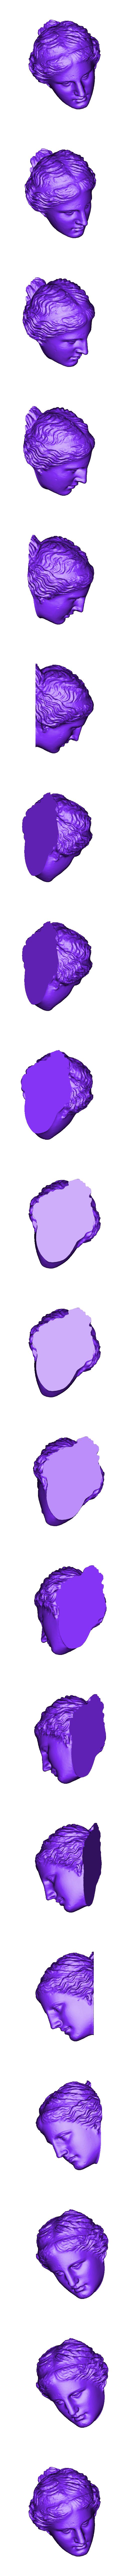 20131013_Venus5head_complete.stl Télécharger fichier OBJ gratuit Vénus de Milo • Modèle imprimable en 3D, Ghashgar